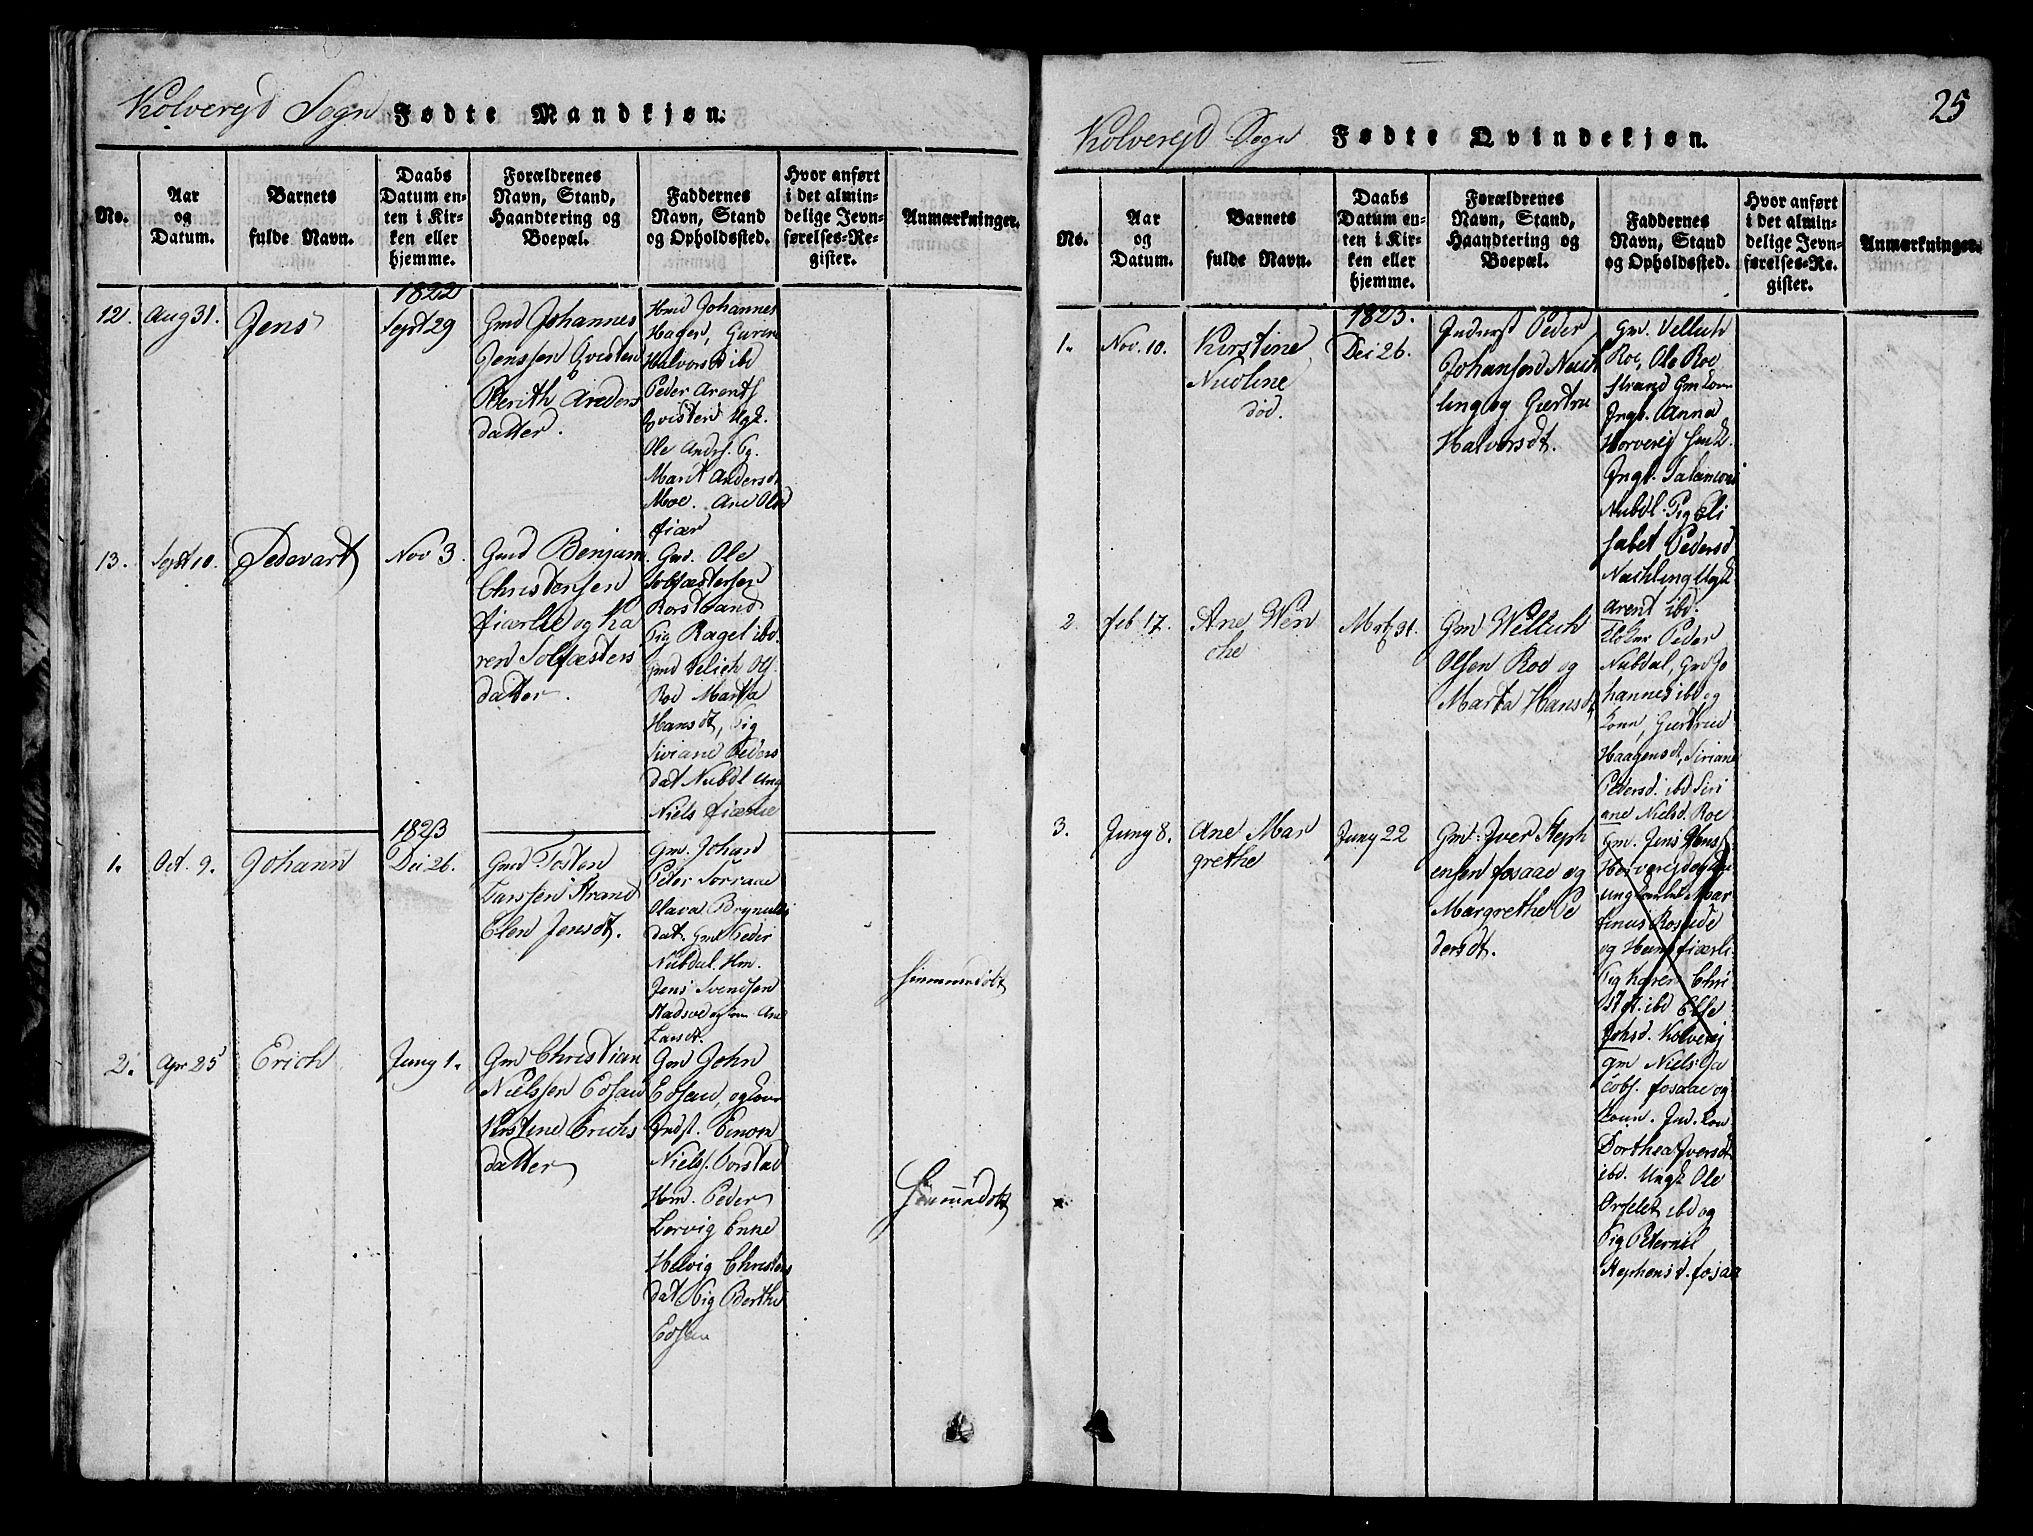 SAT, Ministerialprotokoller, klokkerbøker og fødselsregistre - Nord-Trøndelag, 780/L0648: Parish register (copy) no. 780C01 /1, 1815-1870, p. 25